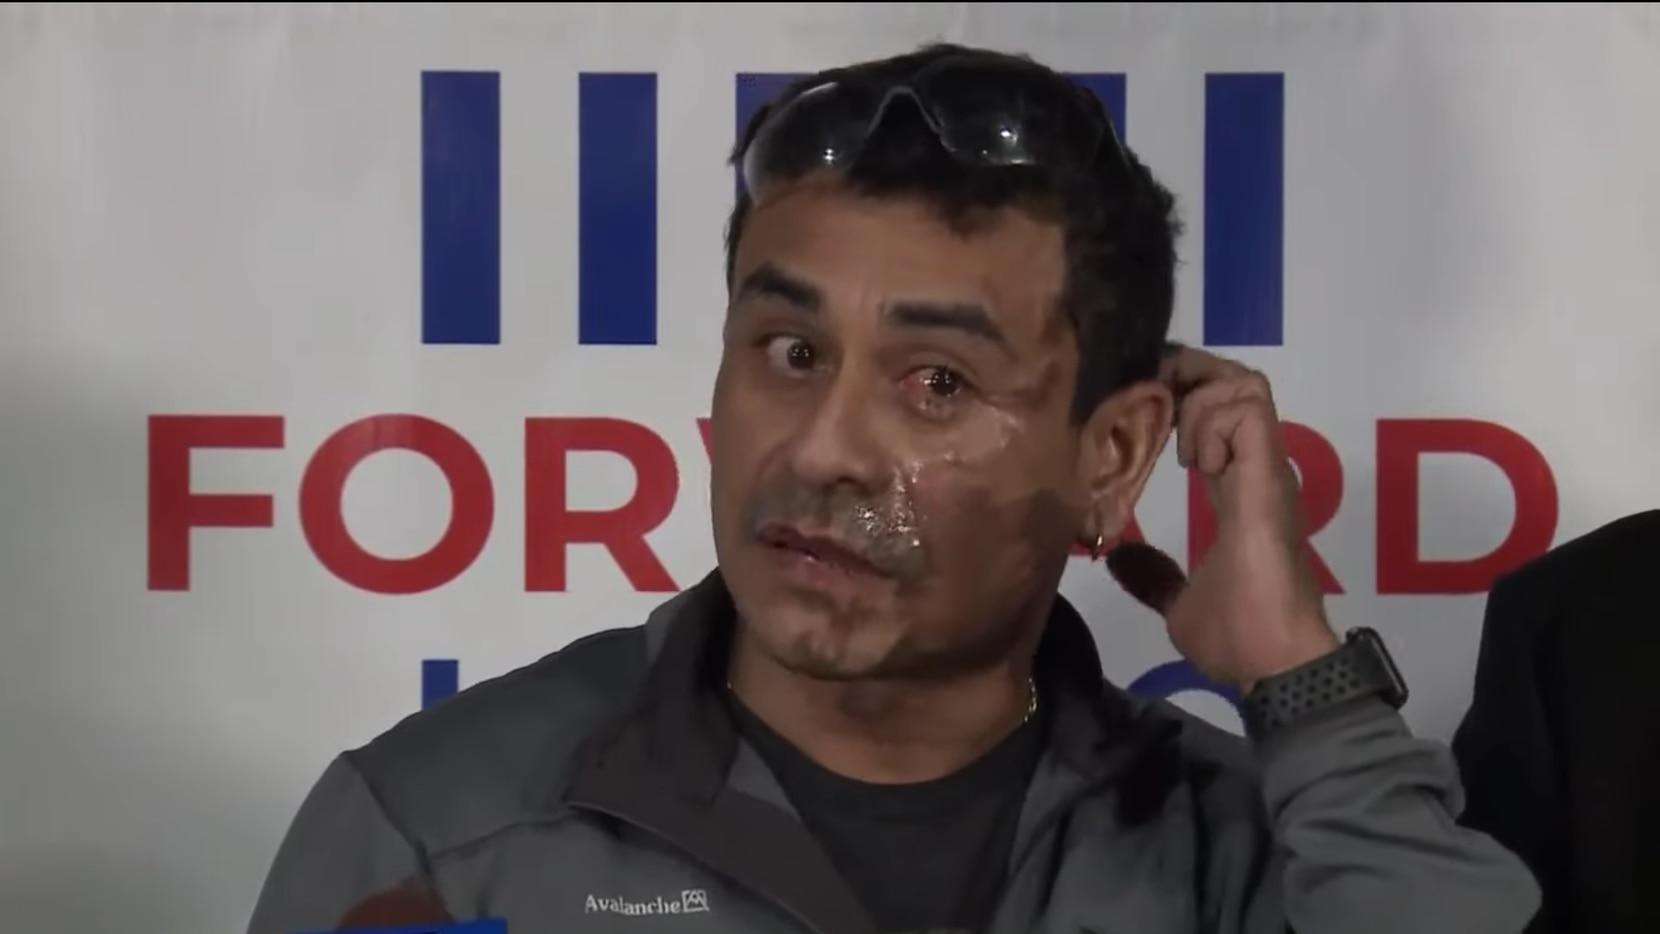 Mahud Villalaz explicó el ataque en una conferencia de prensa en Milwaukee.